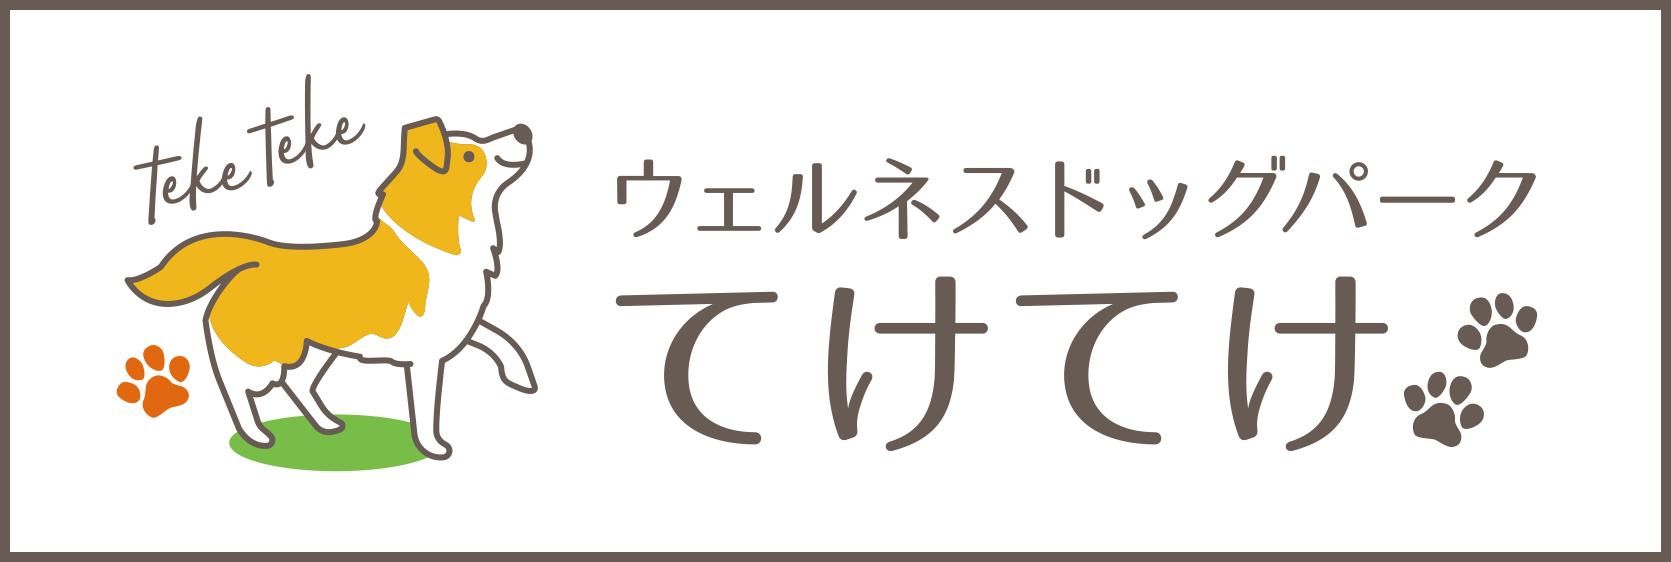 ロゴデータ1105-2